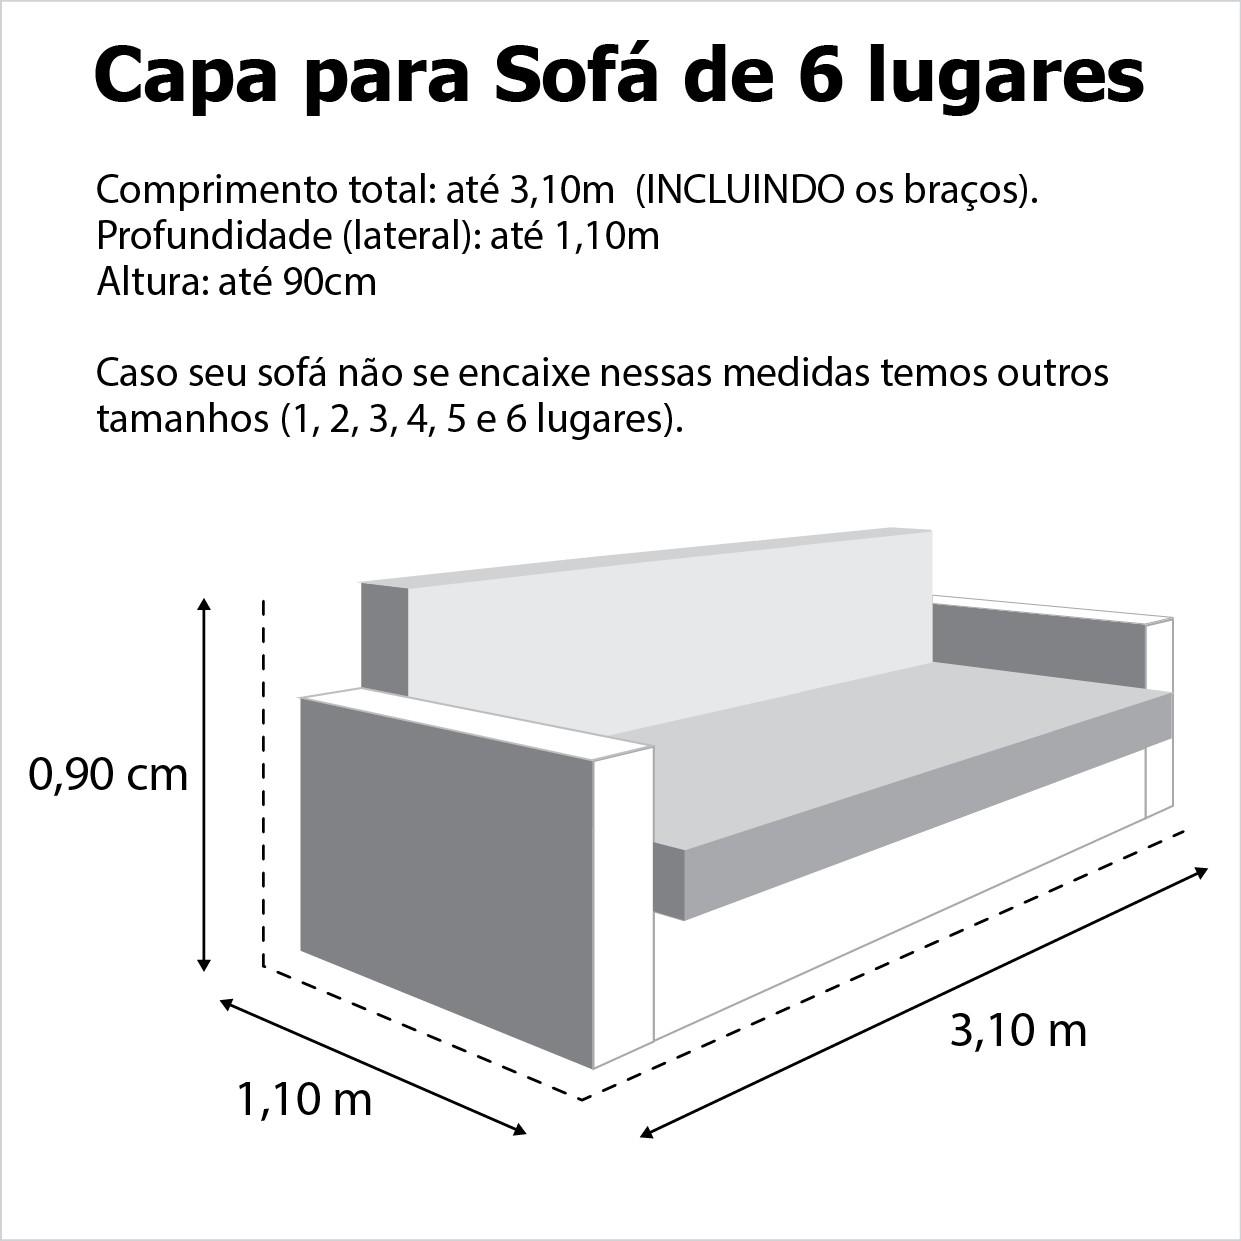 Capa p/ Sofá de 6 Lug GRAFITE em Brim